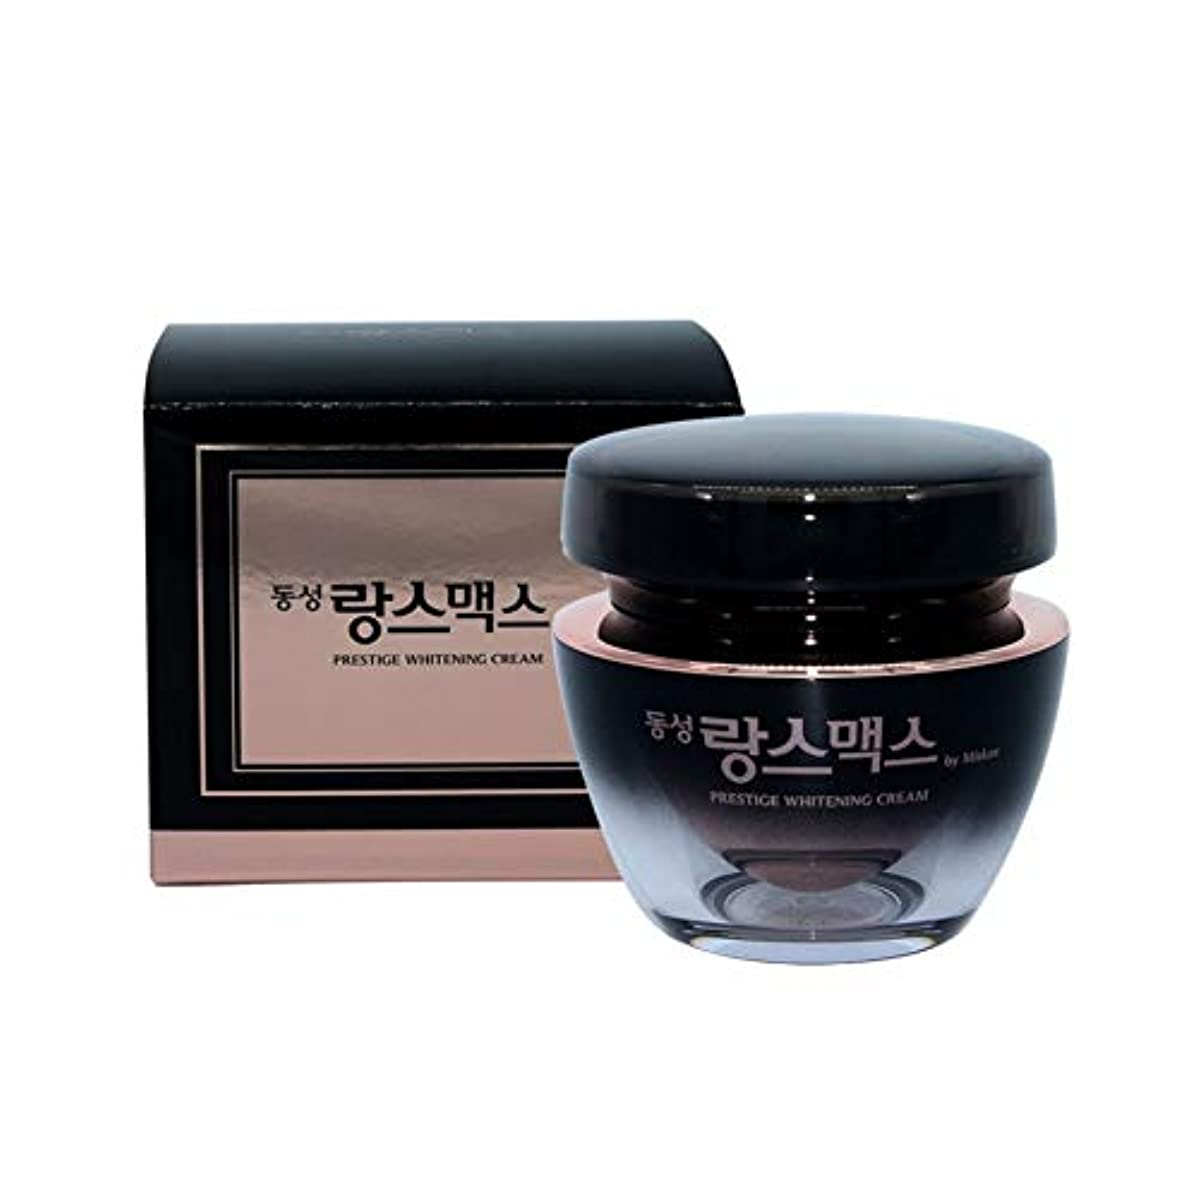 東星ランスマックスプレステージホワイトニングクリーム50g韓国コスメ、Dong Sung Rannce-Max Prestige Whitening Cream 50g Korean Cosmetics [並行輸入品]